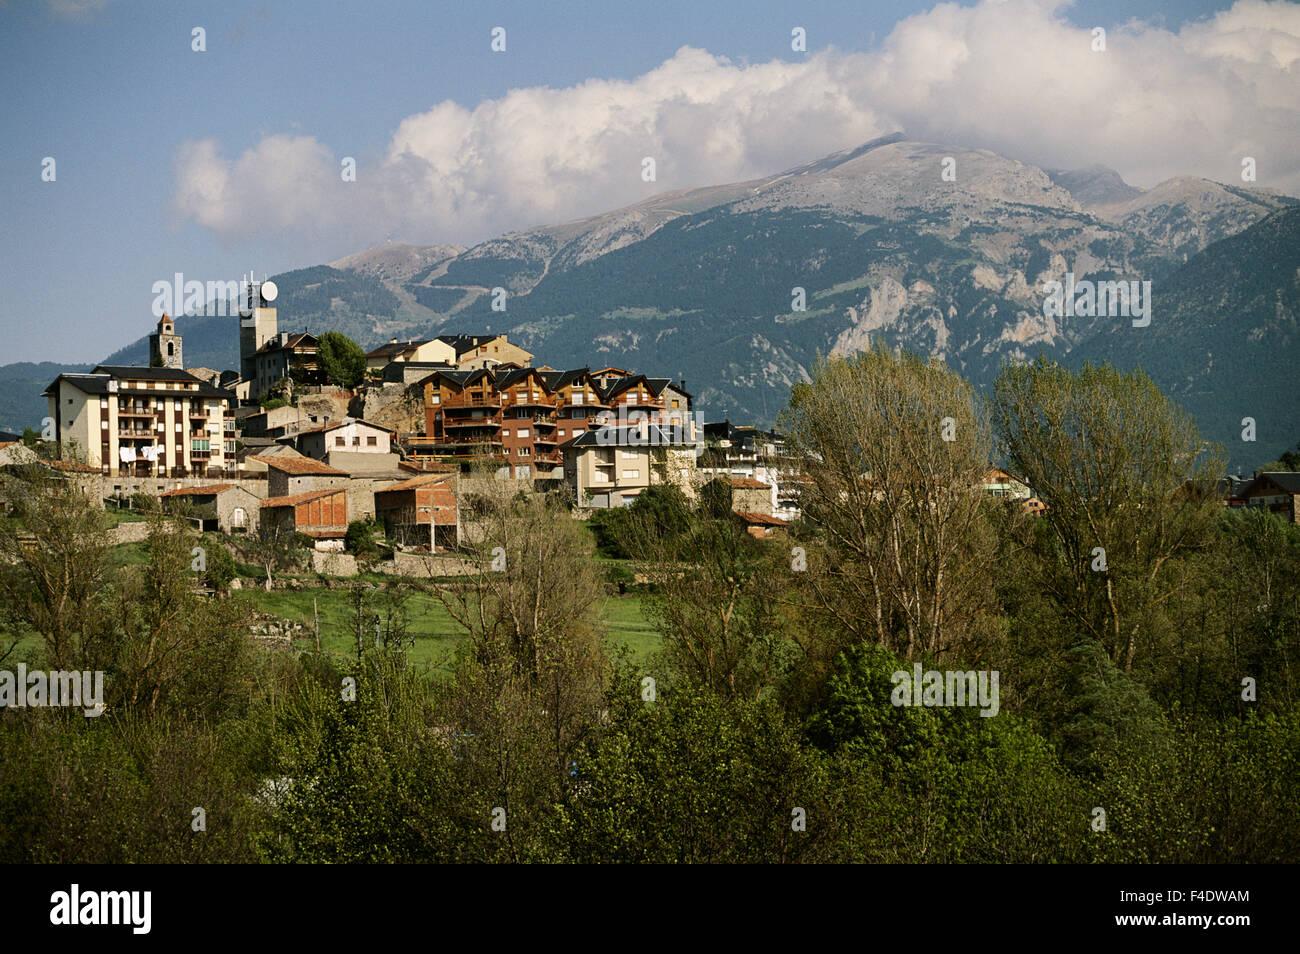 Spanien, Katalonien, Bellver de Cerdanya. Dorf. (Großformatige Größen erhältlich) Stockbild